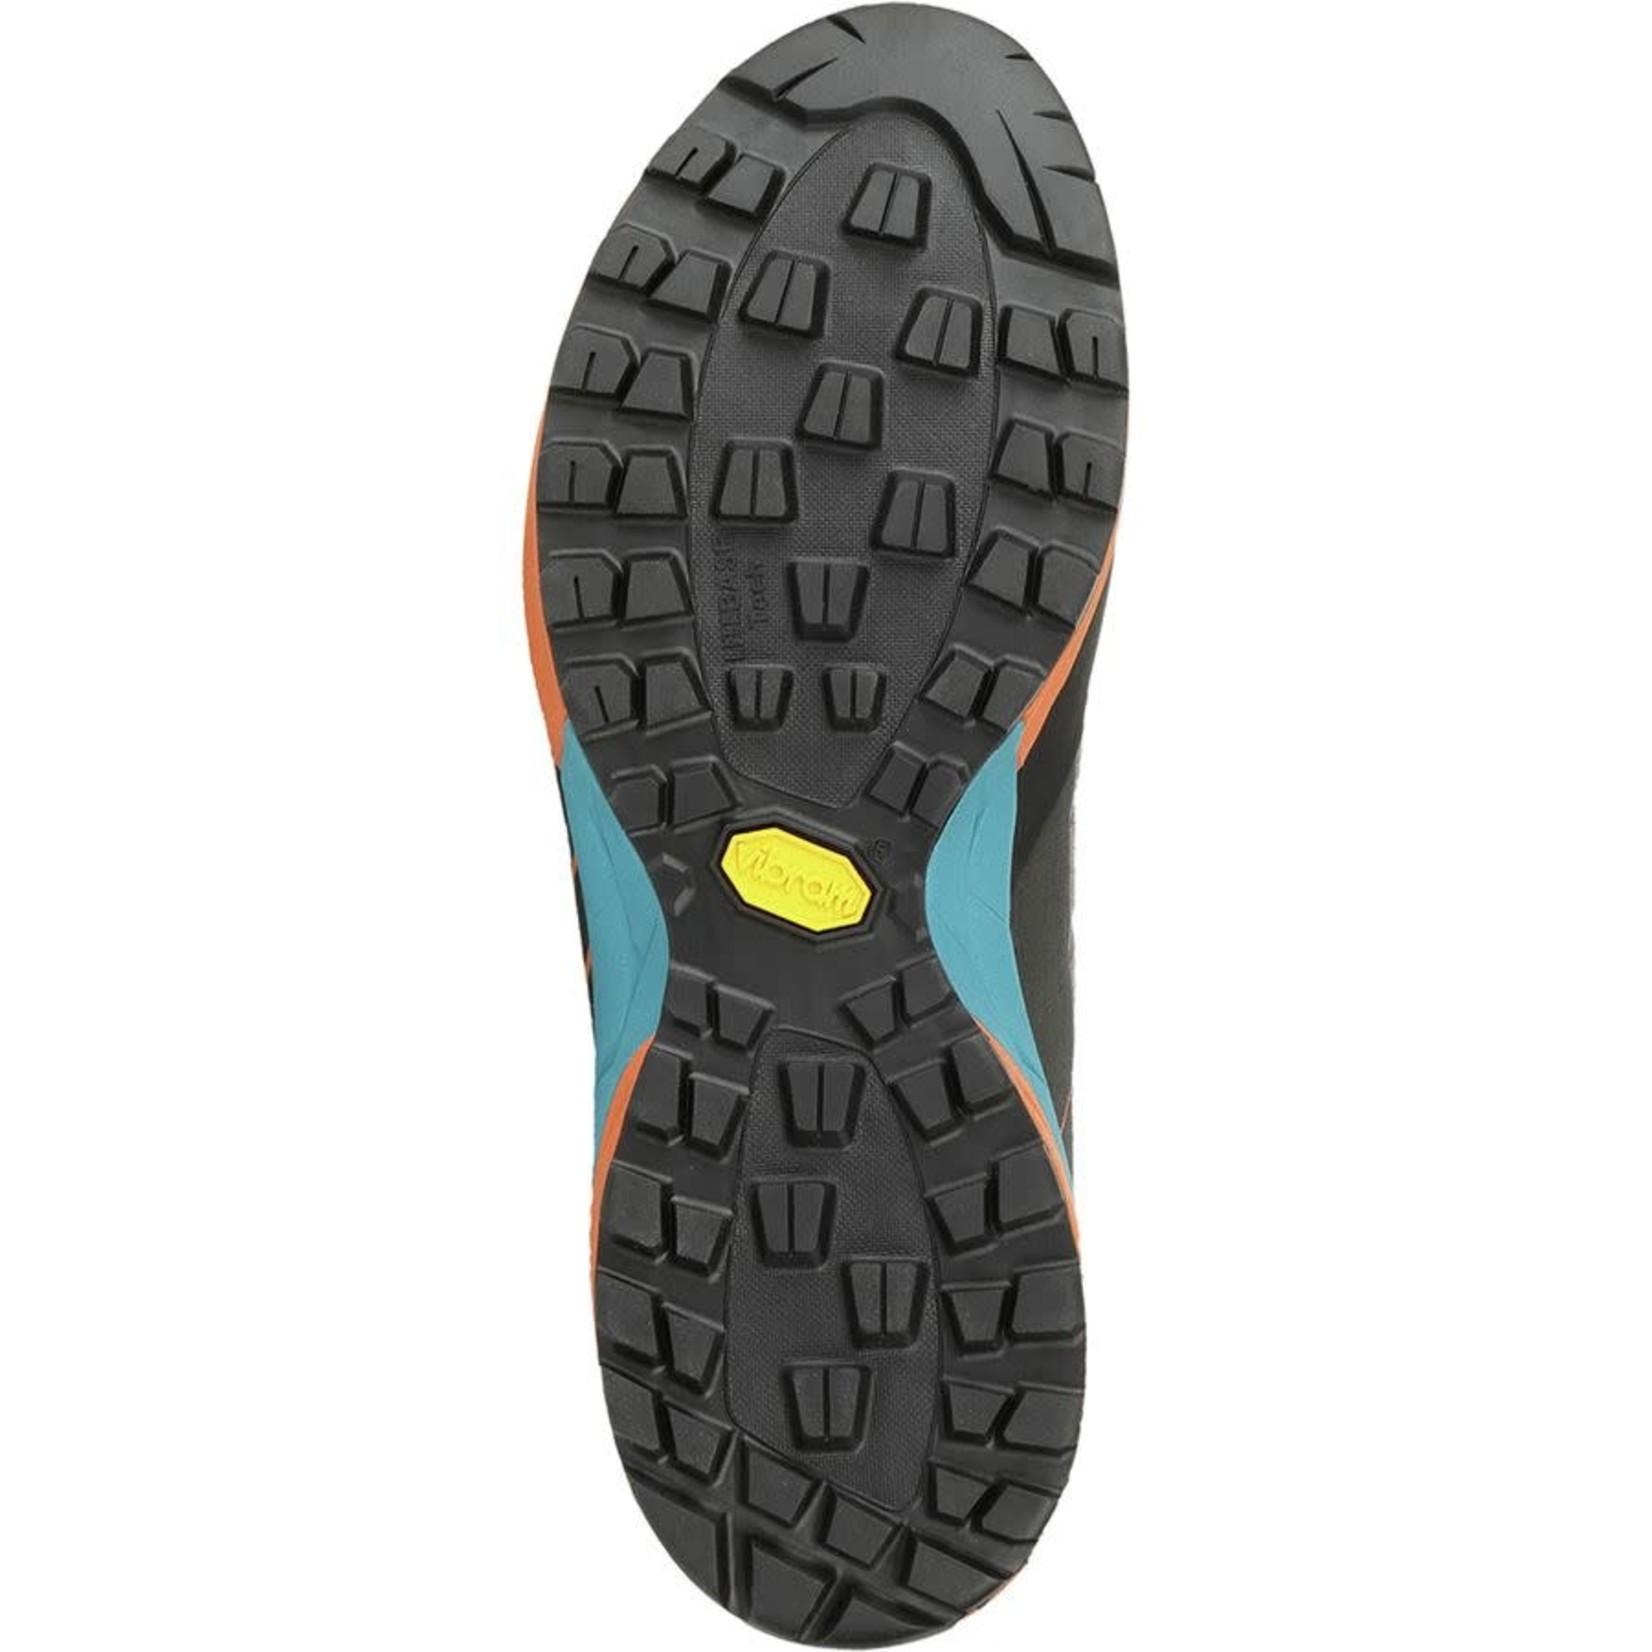 Scarpa Scarpa Mescalito Approach Shoe - Men